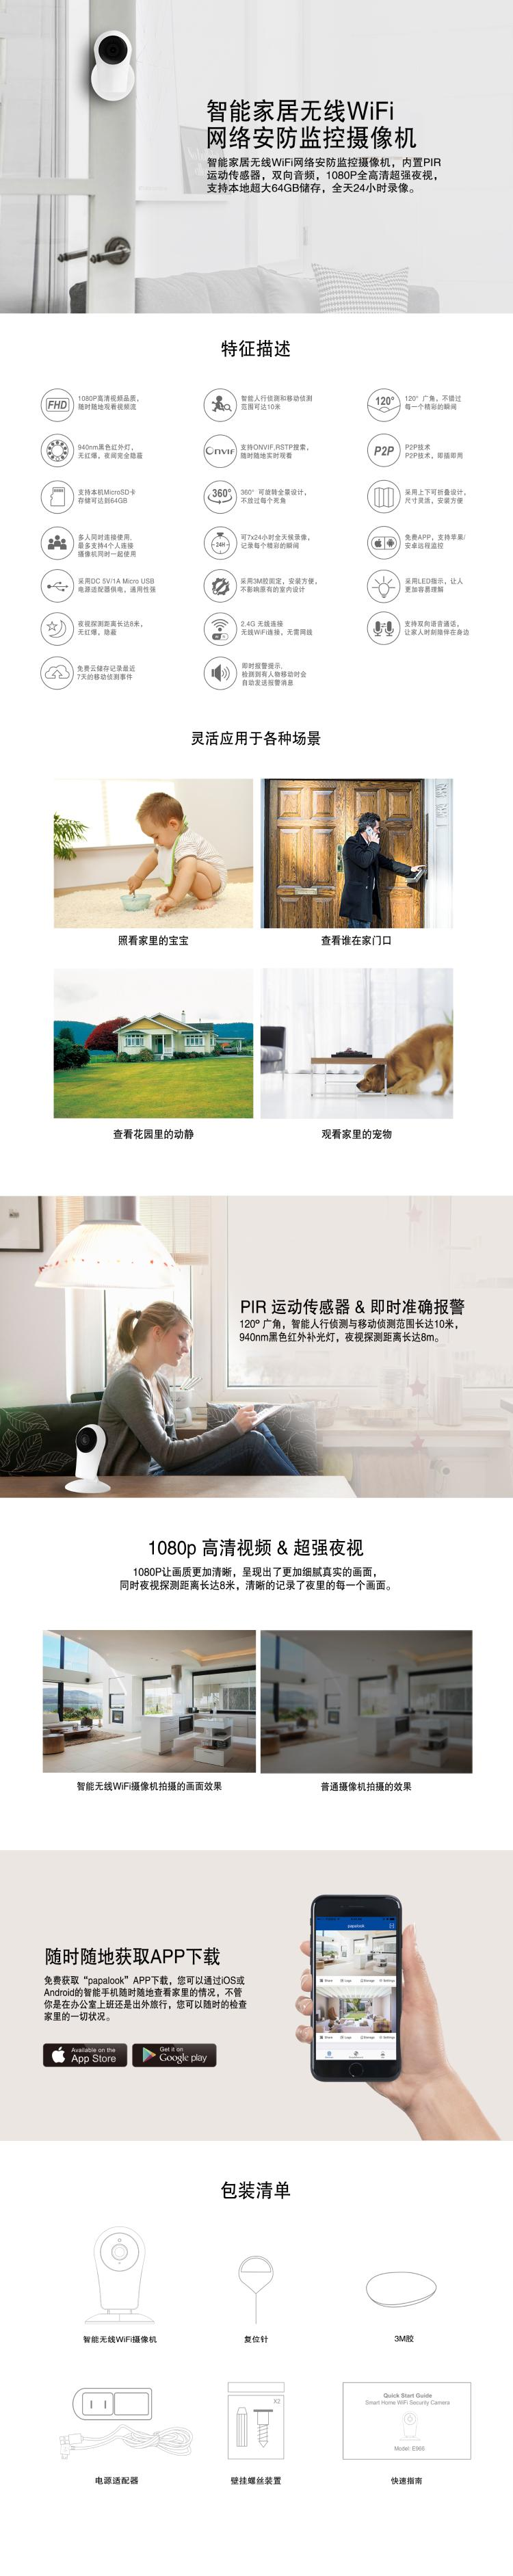 E966网站推广图-CN.jpg